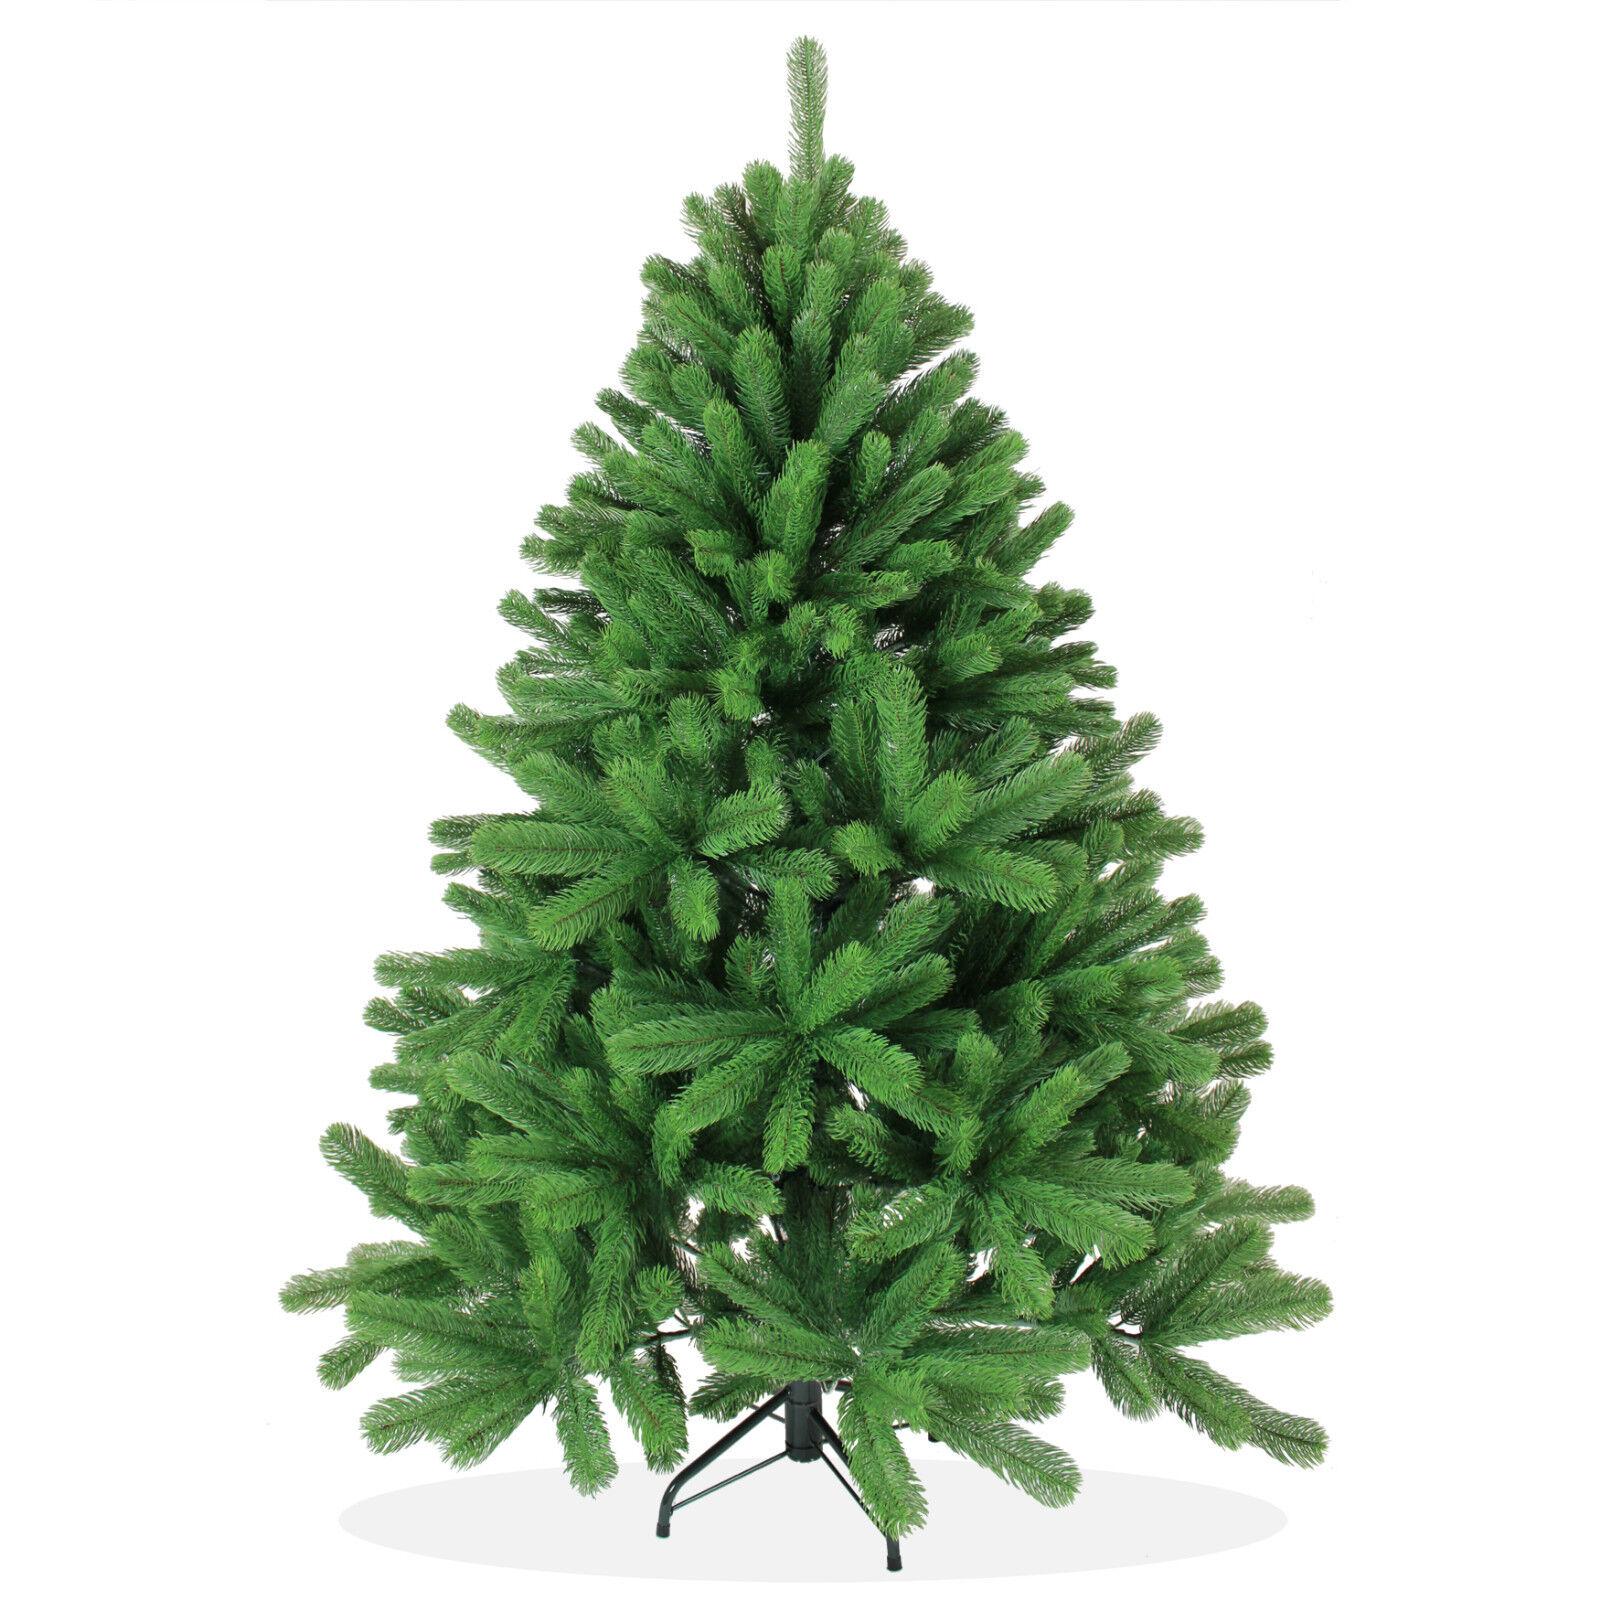 K nstlicher weihnachtsbaum 150cm douglastanne pe spritzguss tannenbaum gr n pt02 ebay - Tannenbaum spritzguss ...